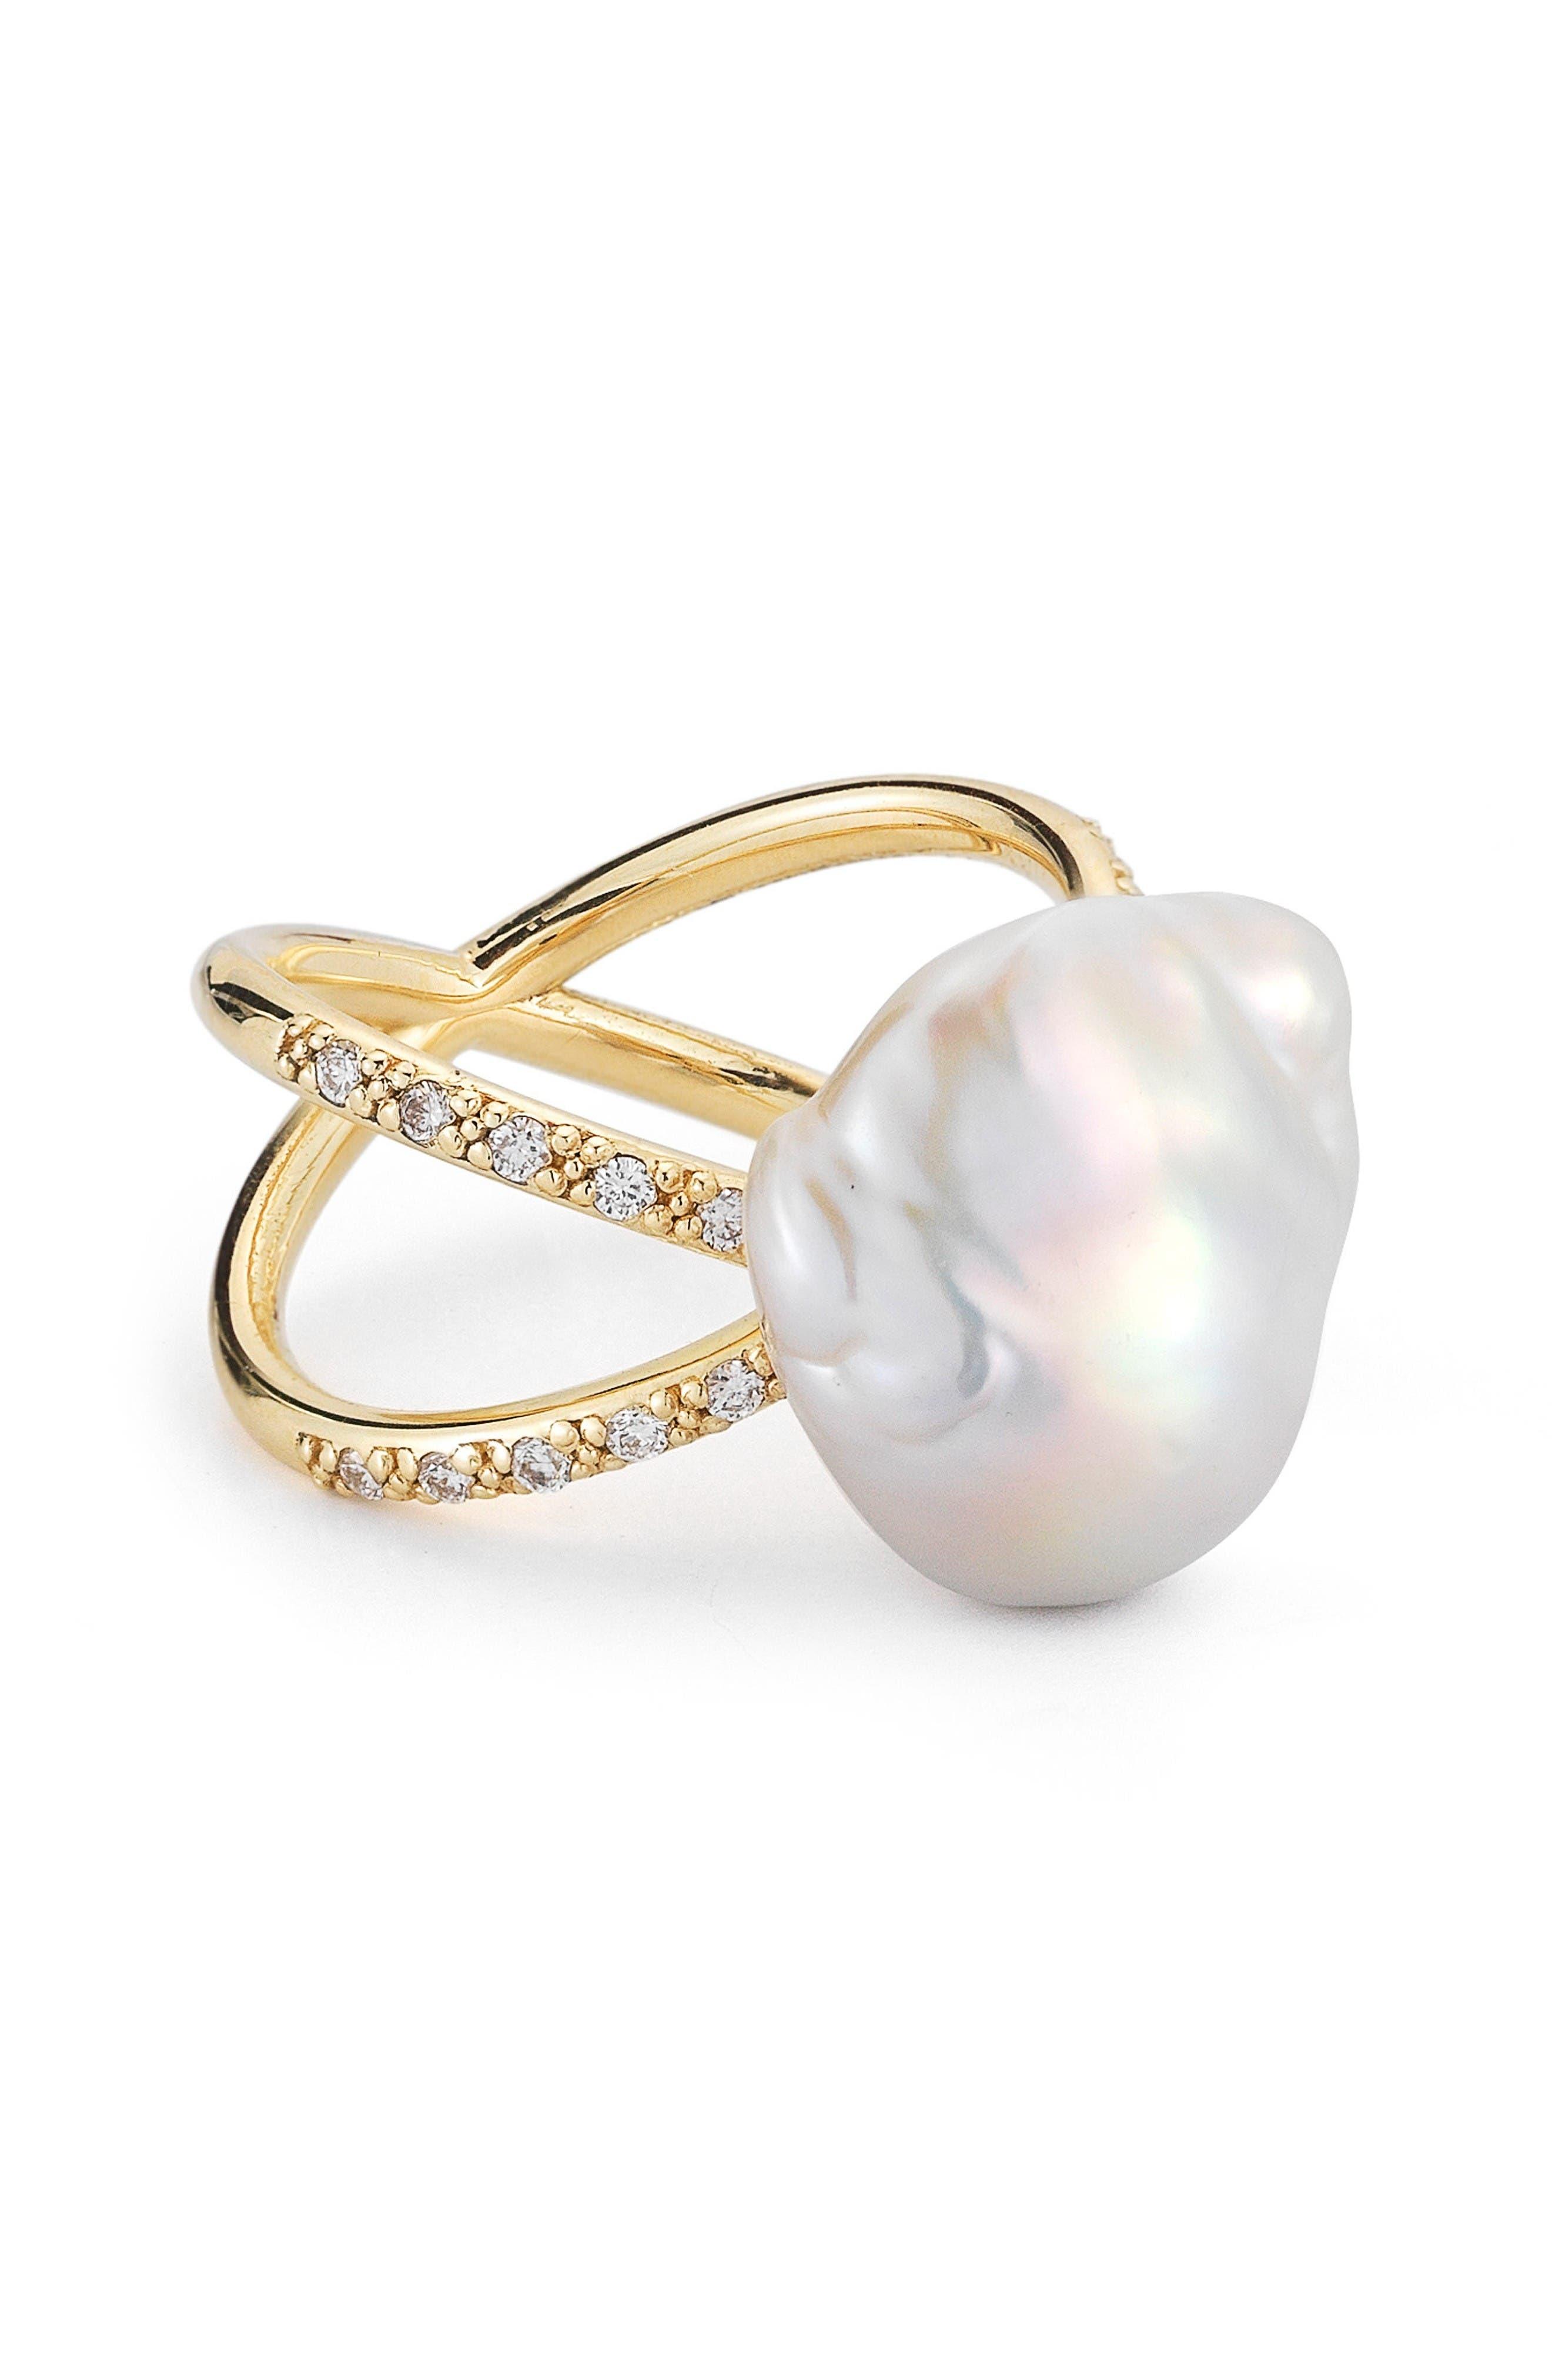 Main Image - Mizuki Pearl & Diamond Crossover Ring